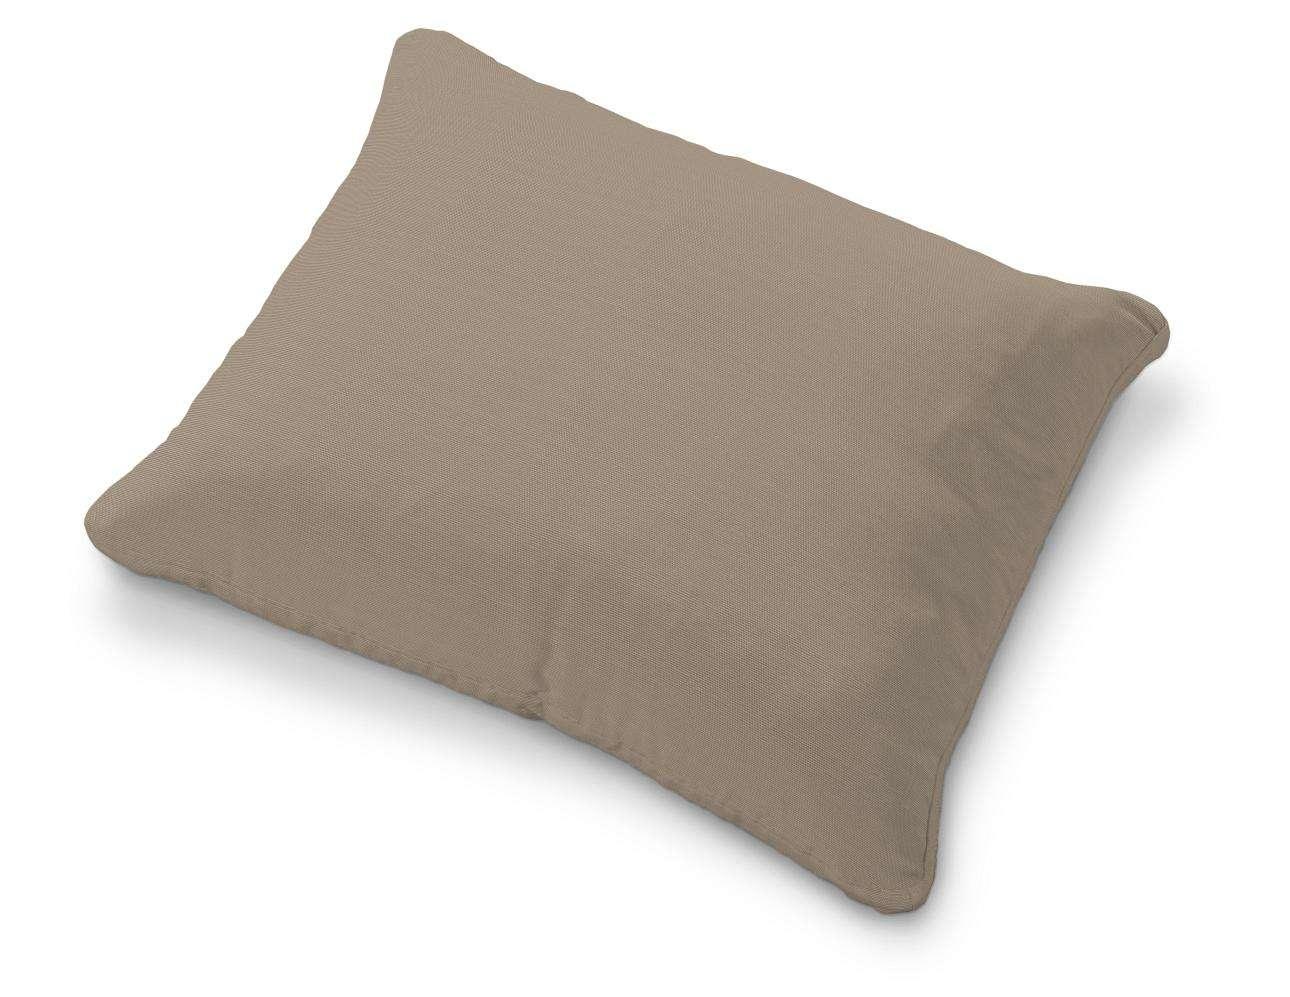 Poszewka na poduszkę Karlstad 58x48cm poduszka Karlstad 58x48cm w kolekcji Cotton Panama, tkanina: 702-28